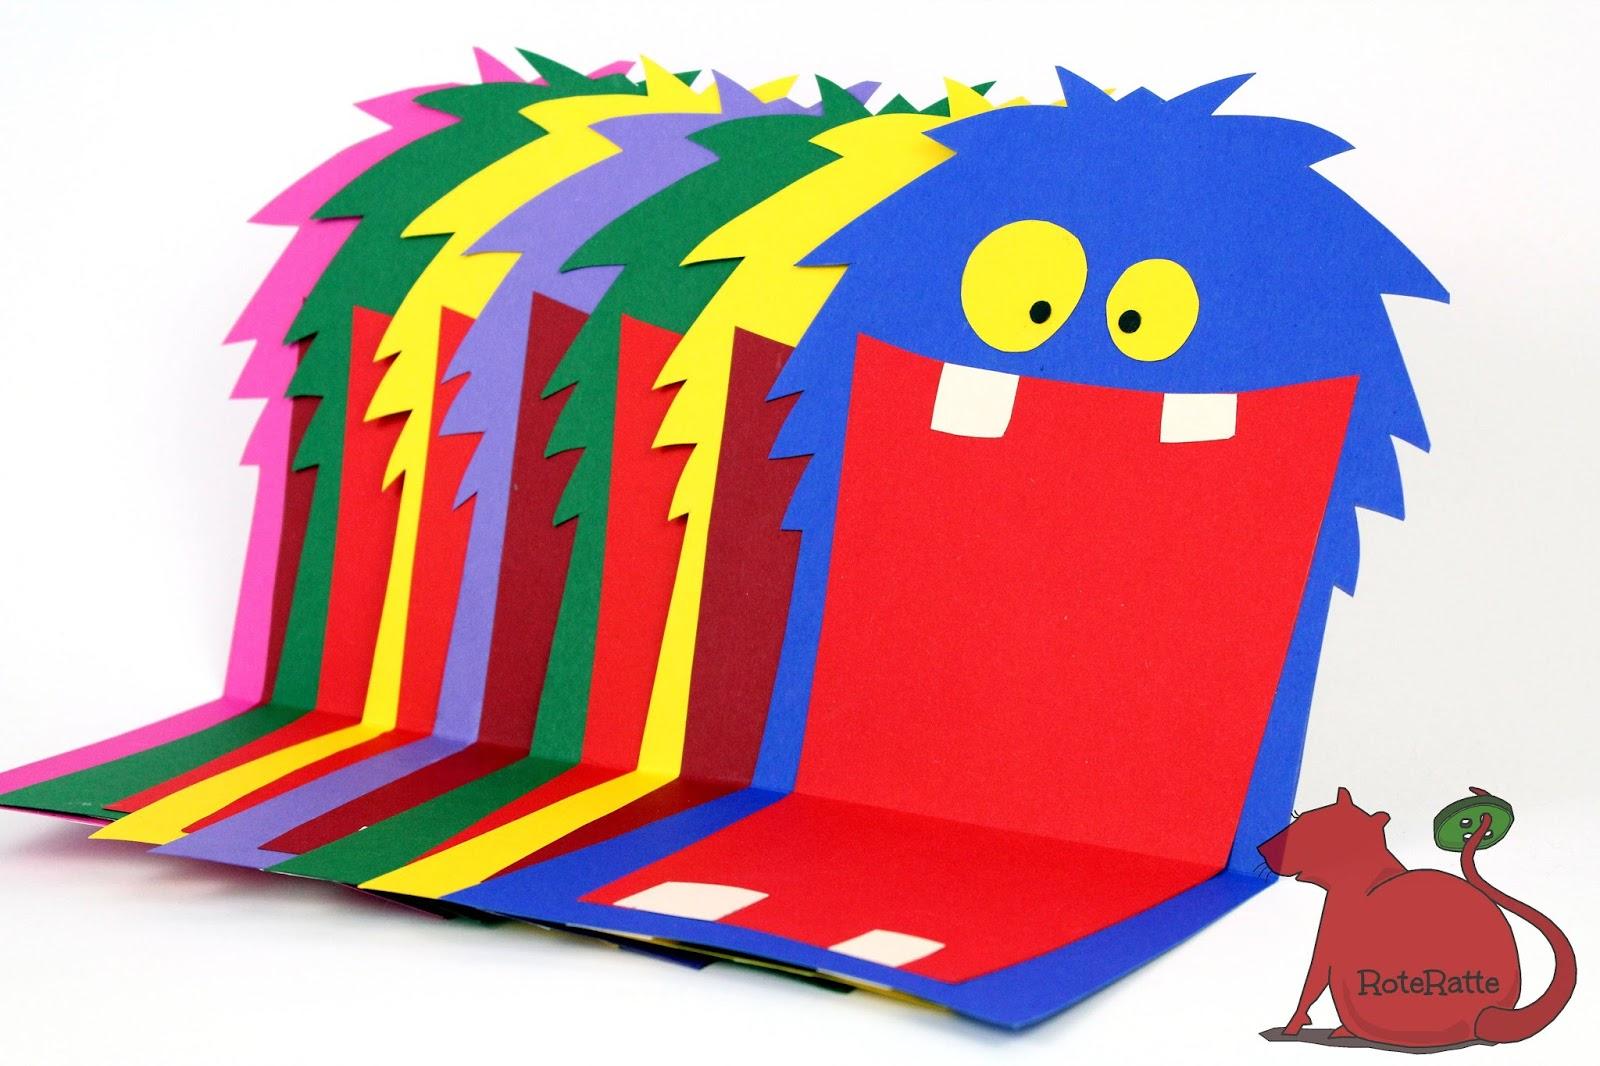 Bestellen Der Monster Jam Geburtstag Einladungen Online Ist Viel Bequemer  Als In Den Geschäften Einkaufen. Im Internet Können Sie Aus Hunderten Von  Vorlagen ...